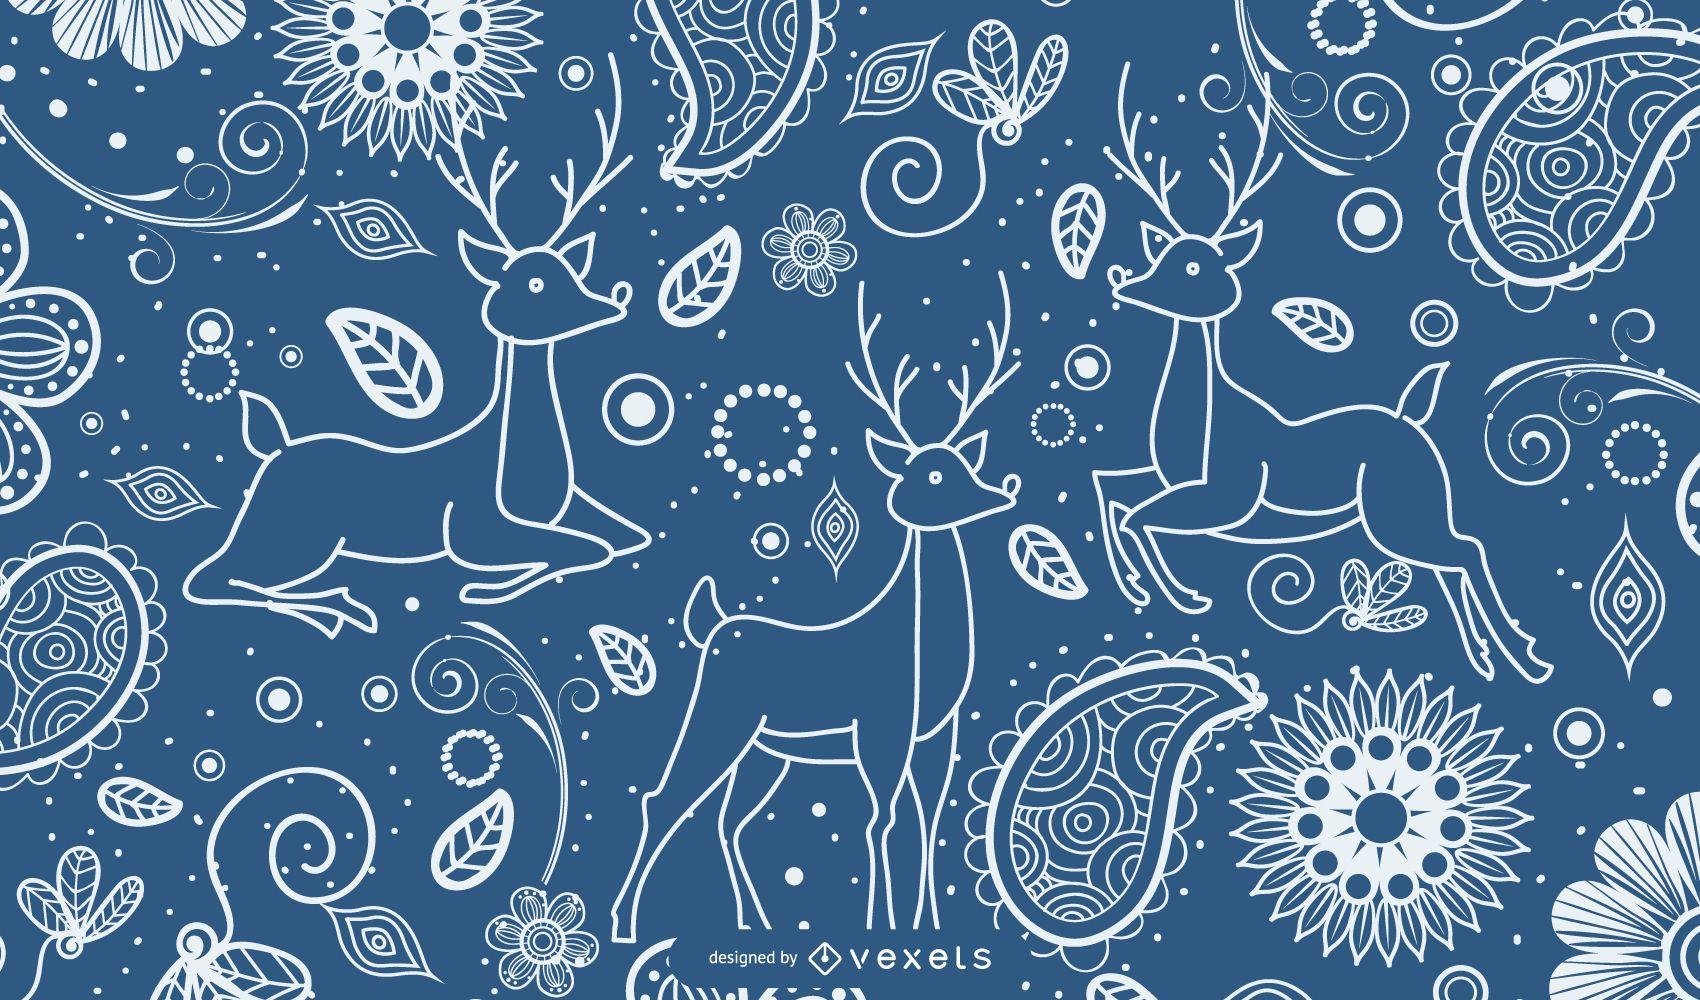 Ornamental deer background design